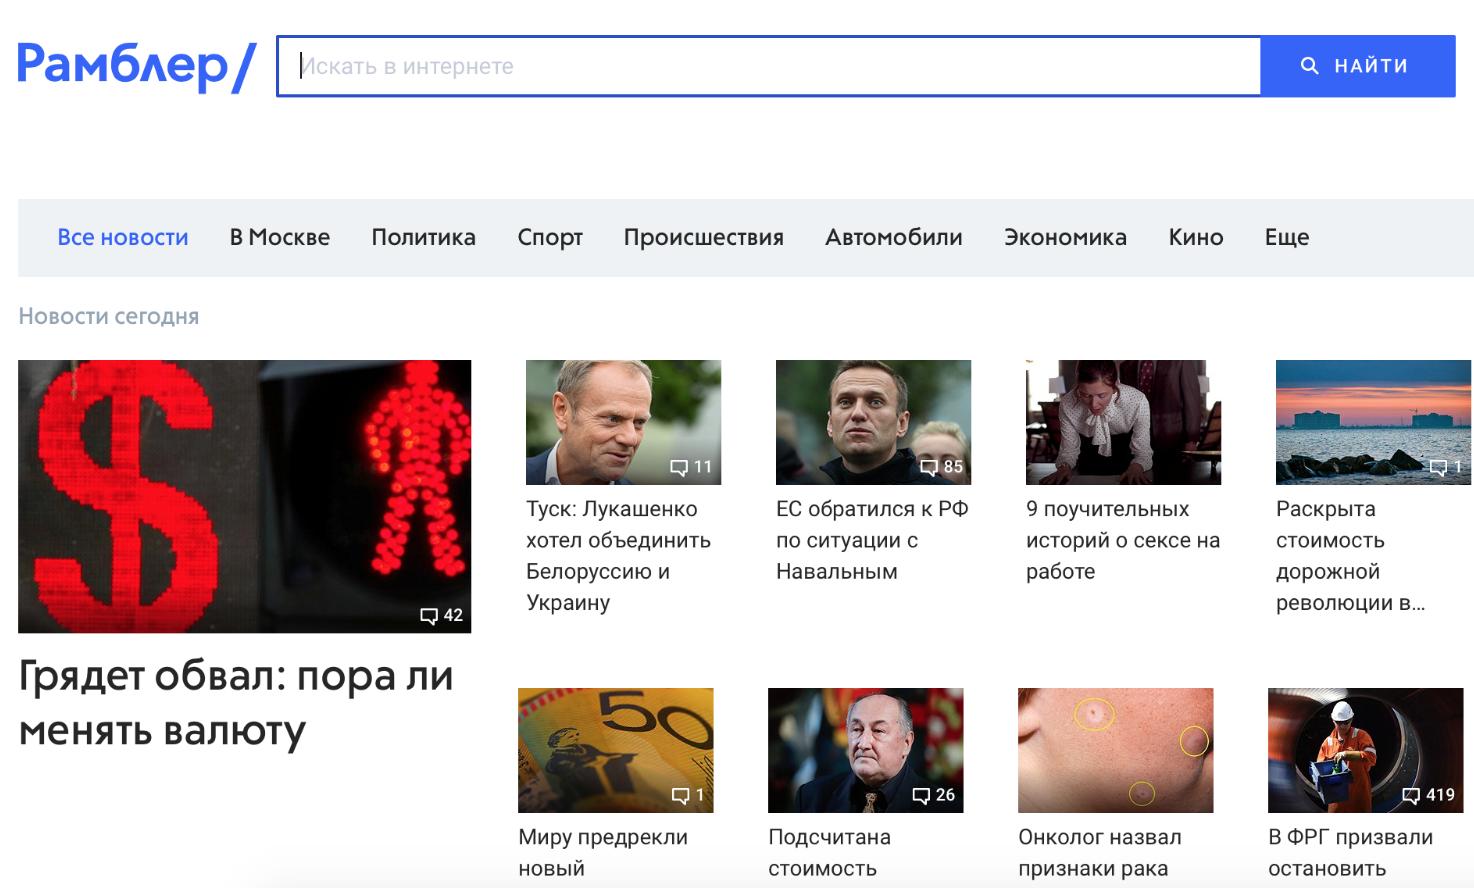 Навальный рубль